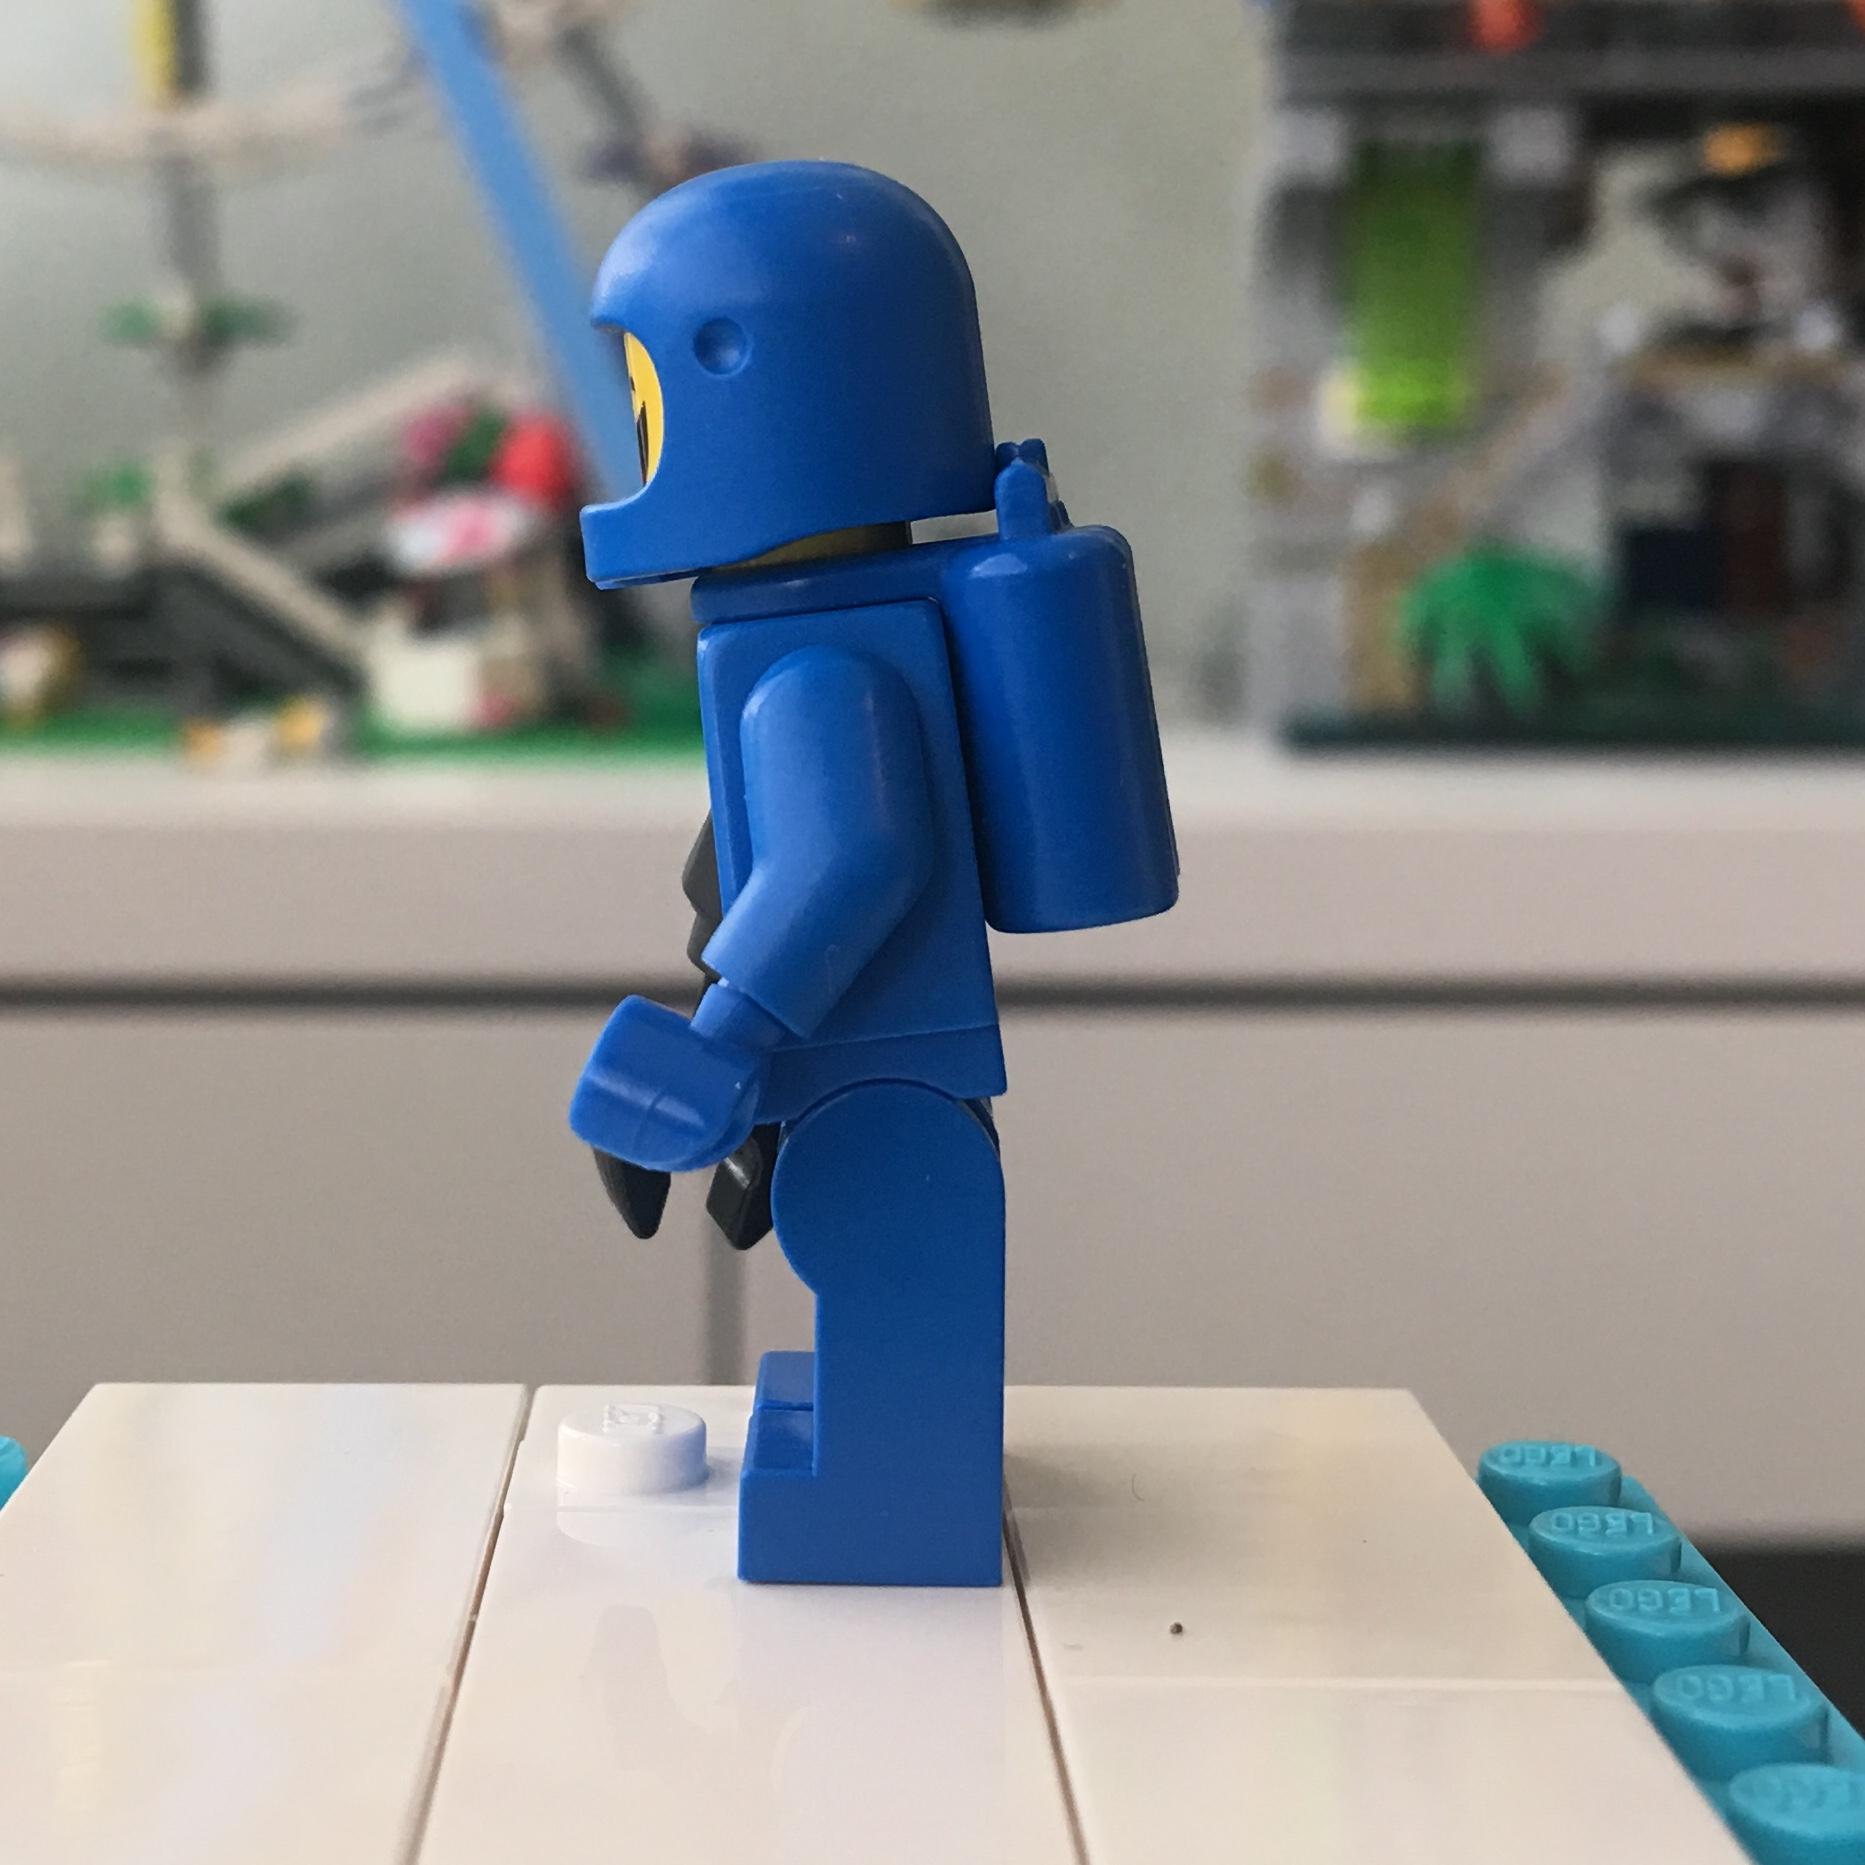 APOCALYPSEBURG BENNY New Factory Sealed LEGO Movie 2 Minifigure 71023